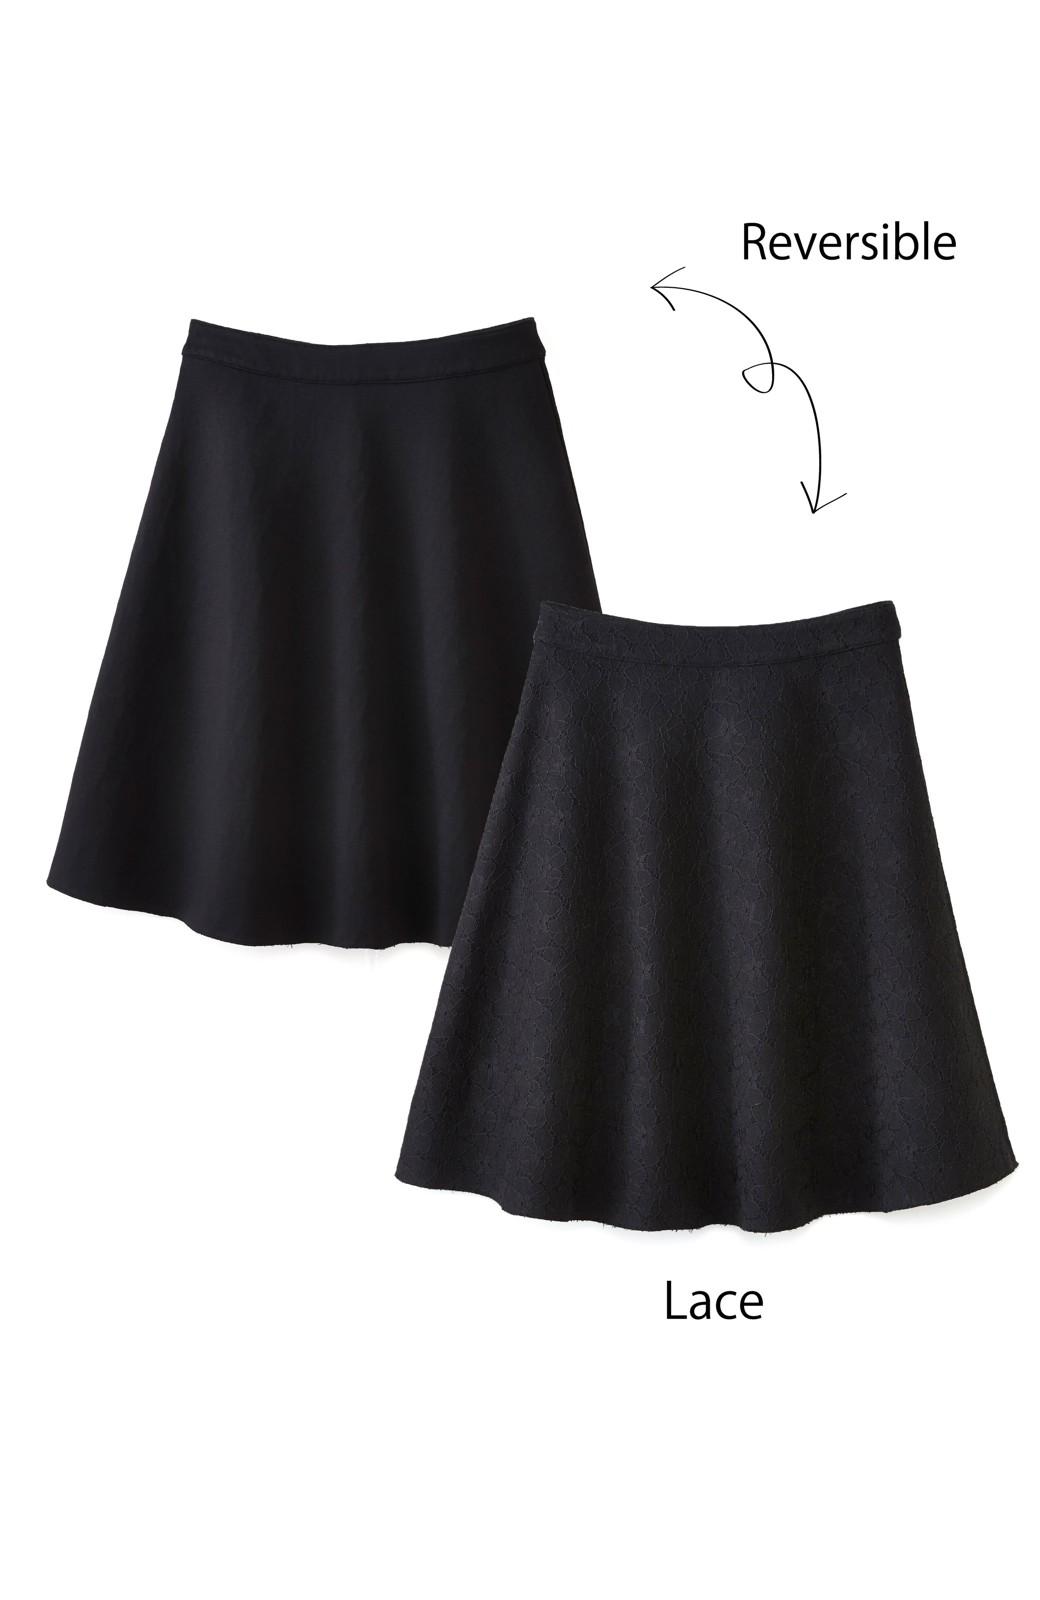 エムトロワ 定番ブラックと華やかレースのリバーシブルフレアースカート <ブラック>の商品写真2